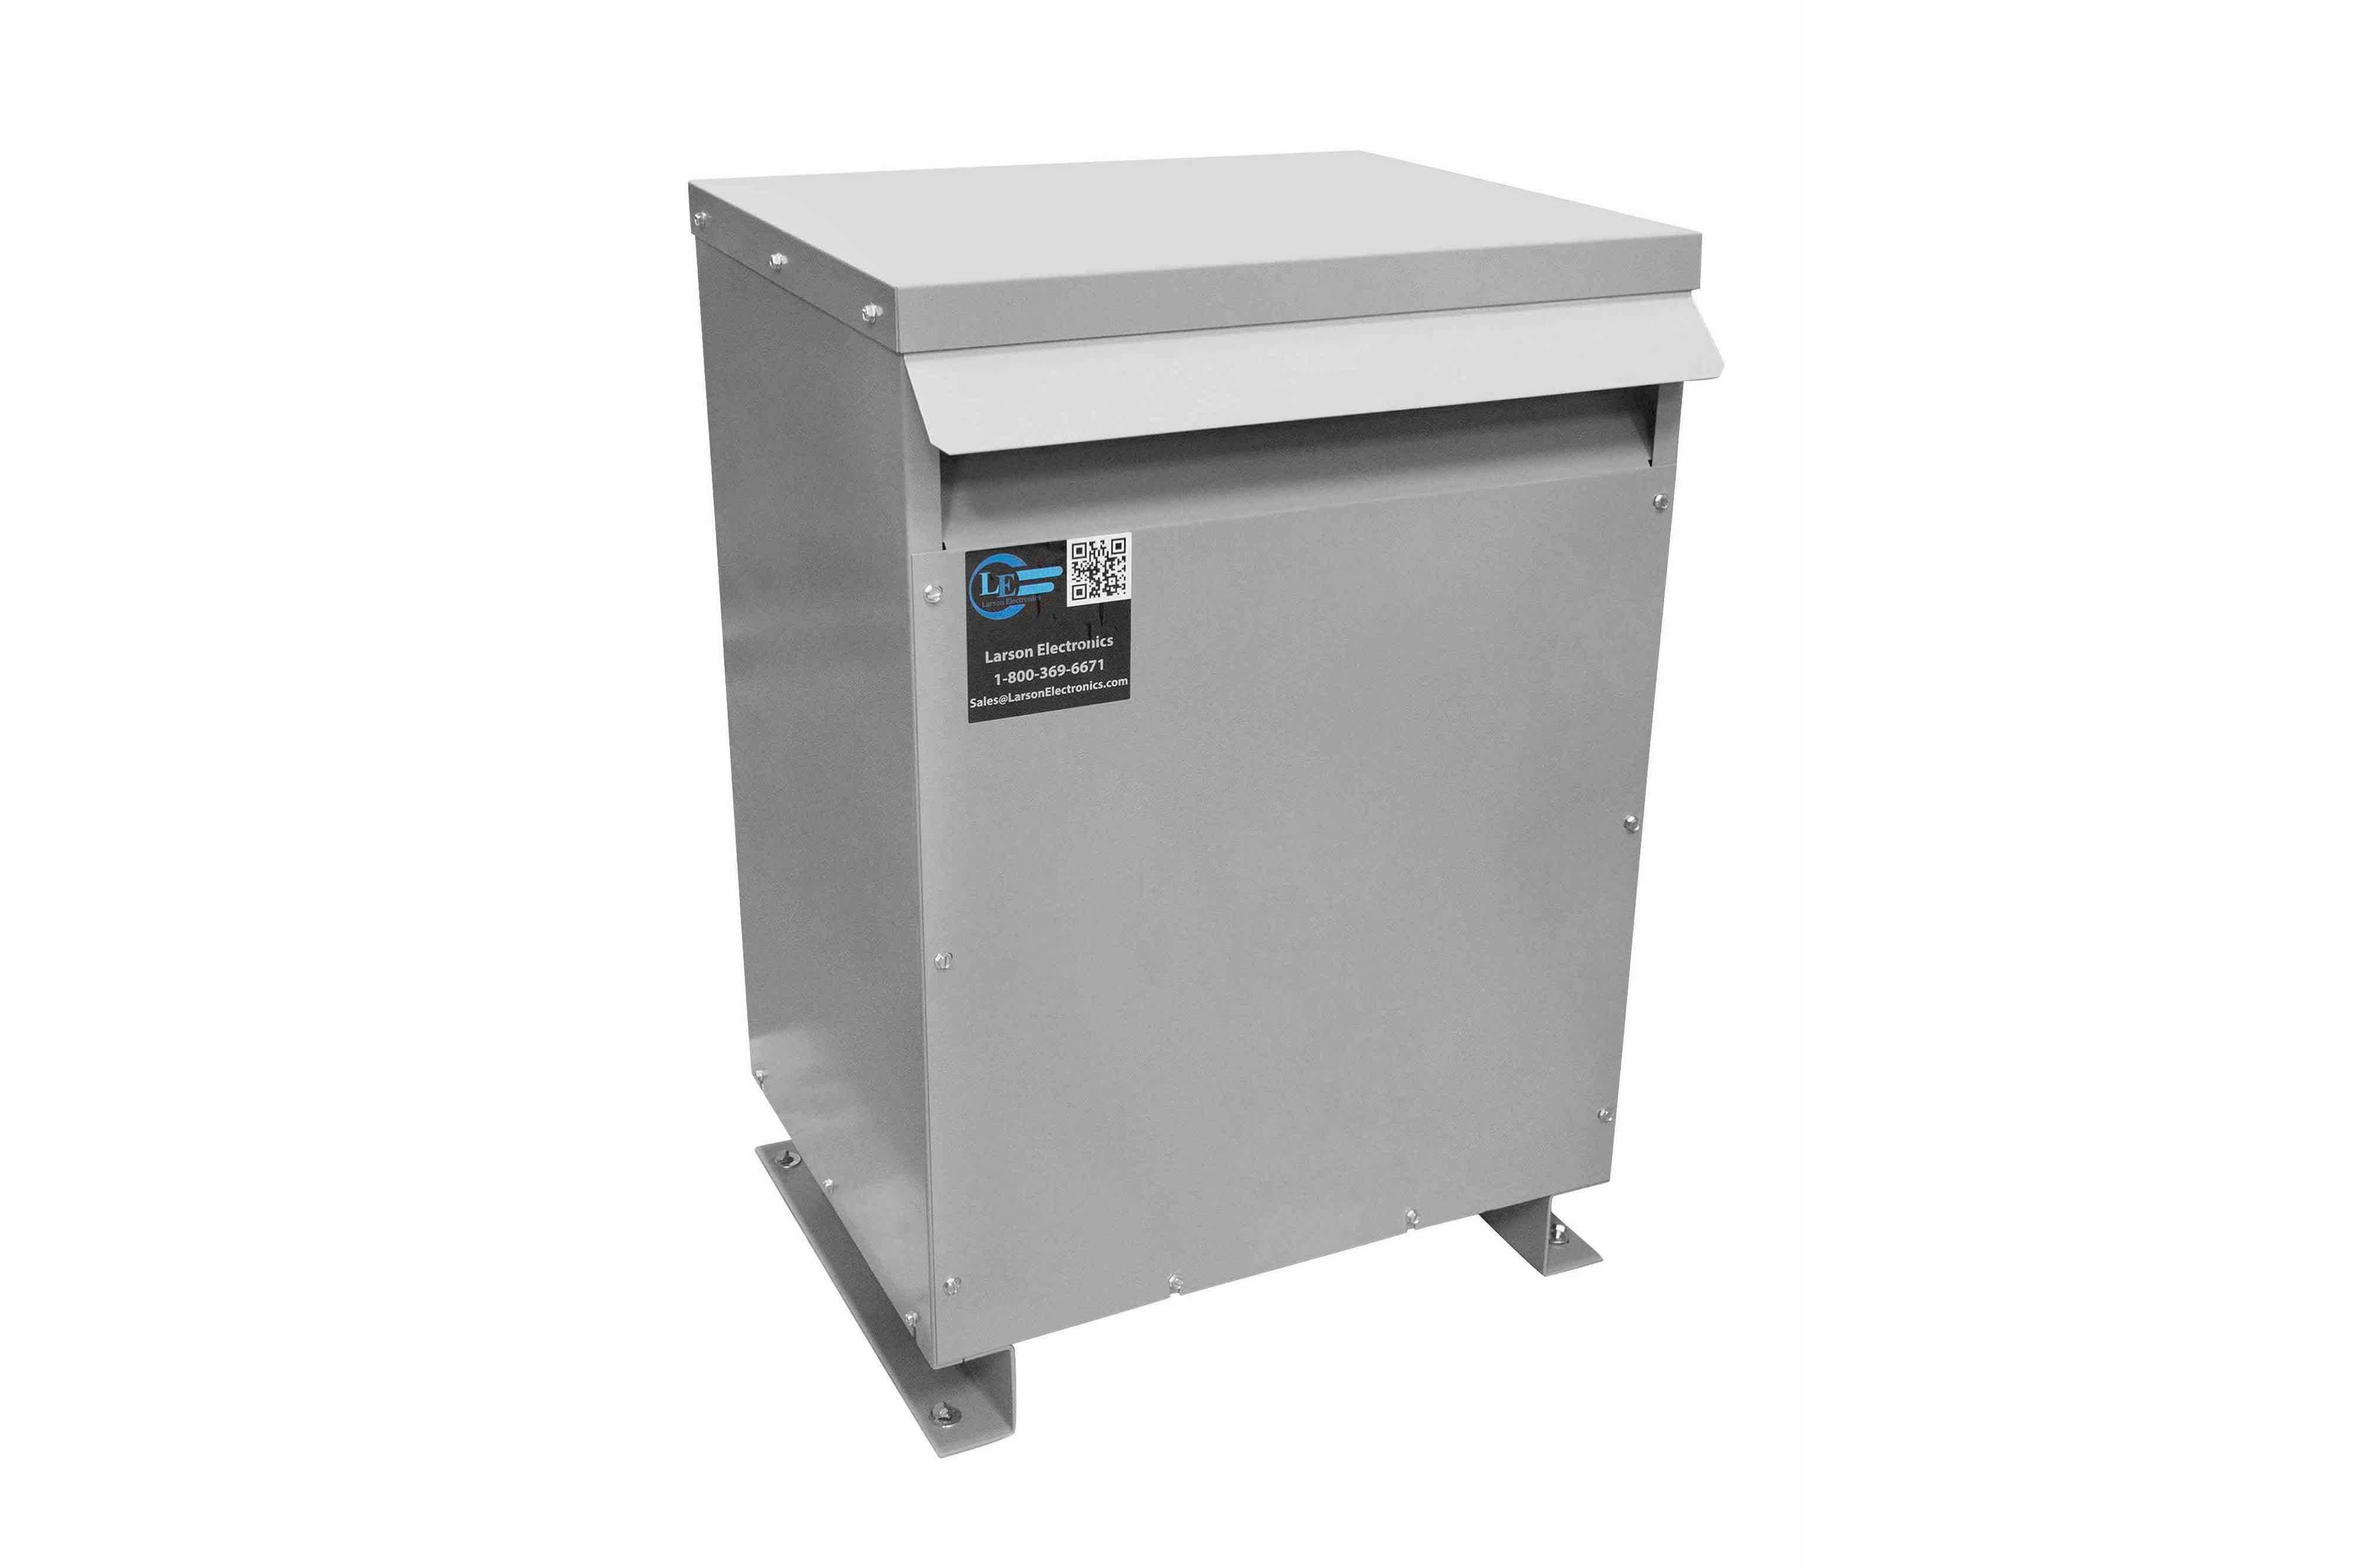 18 kVA 3PH Isolation Transformer, 575V Delta Primary, 380V Delta Secondary, N3R, Ventilated, 60 Hz